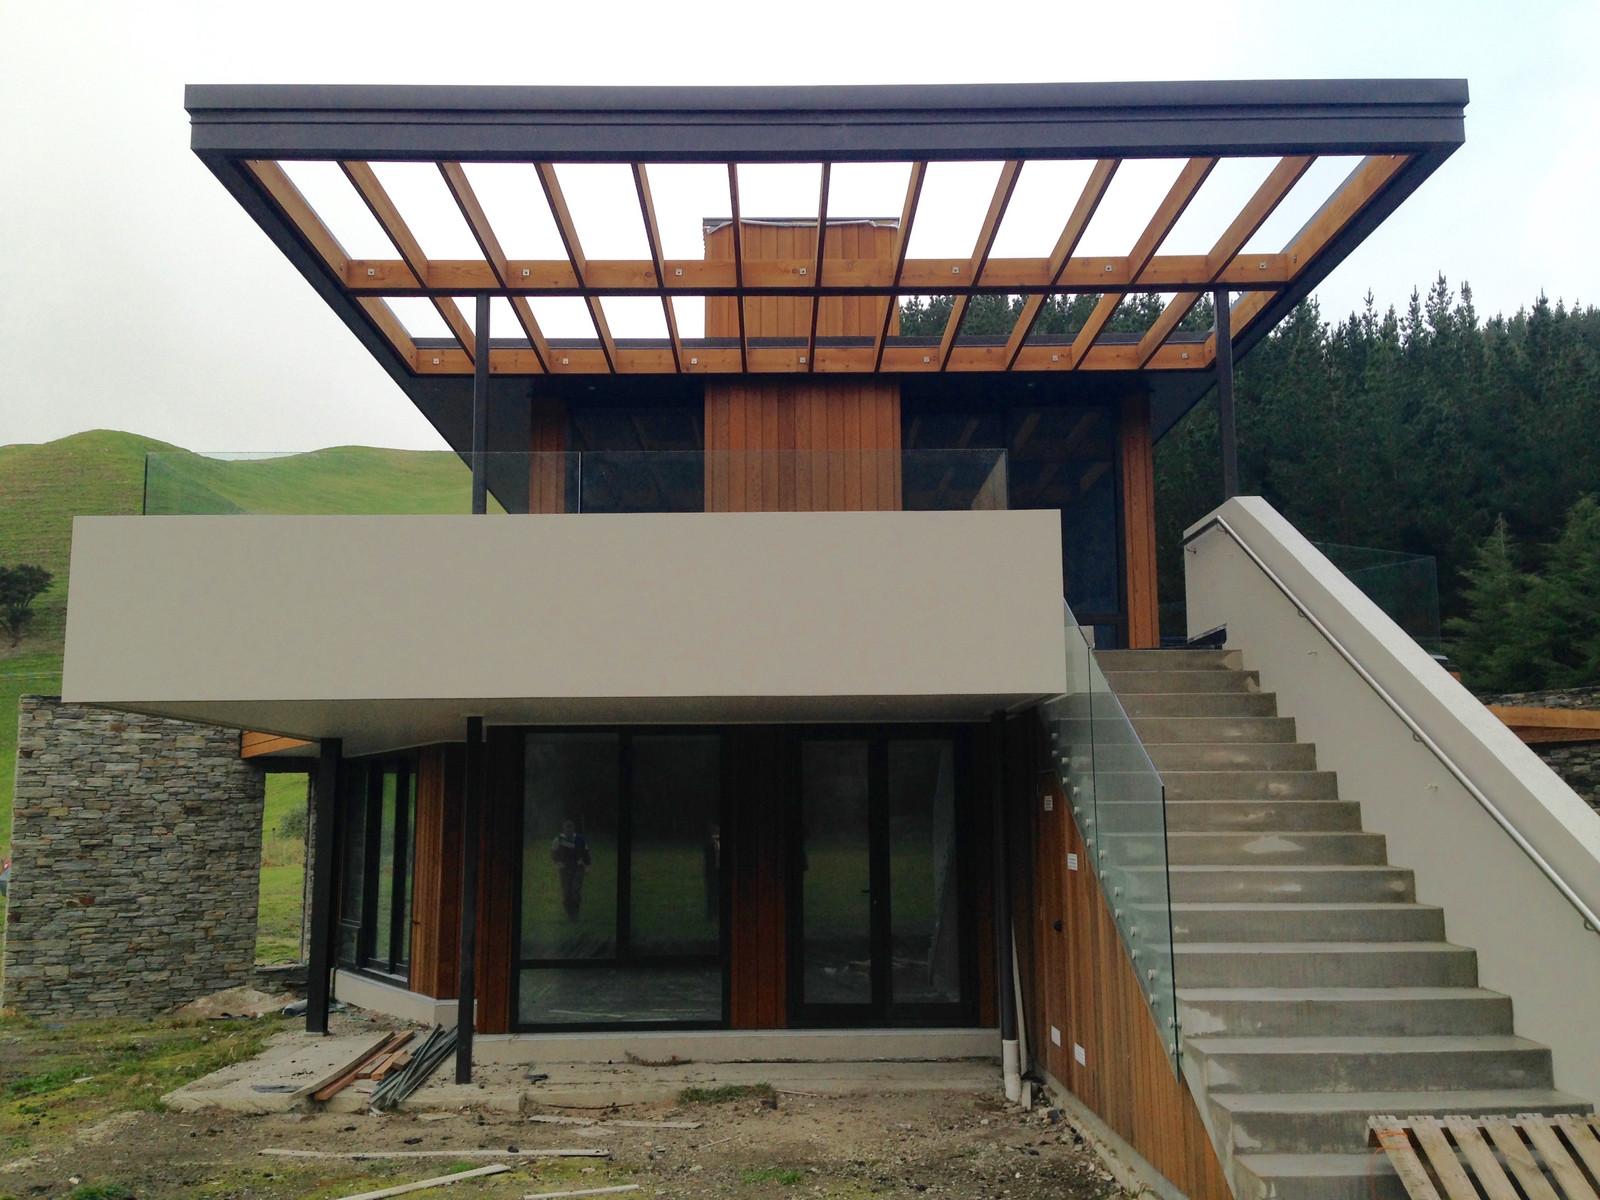 Frank Lloyd Wright Inspired Houses frank lloyd wright inspired mystree estate house